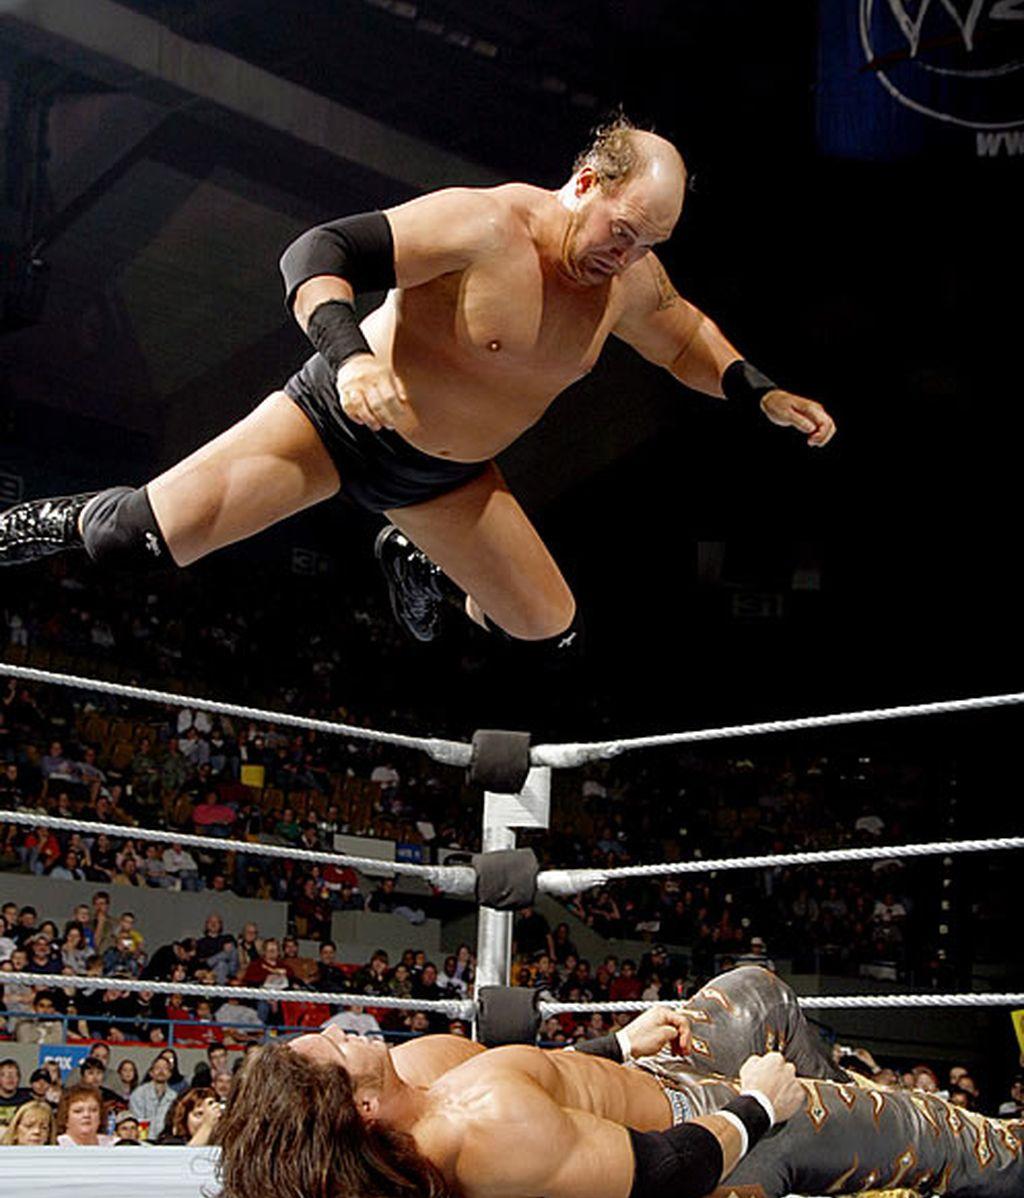 Momentos de las superestrellas en el ring